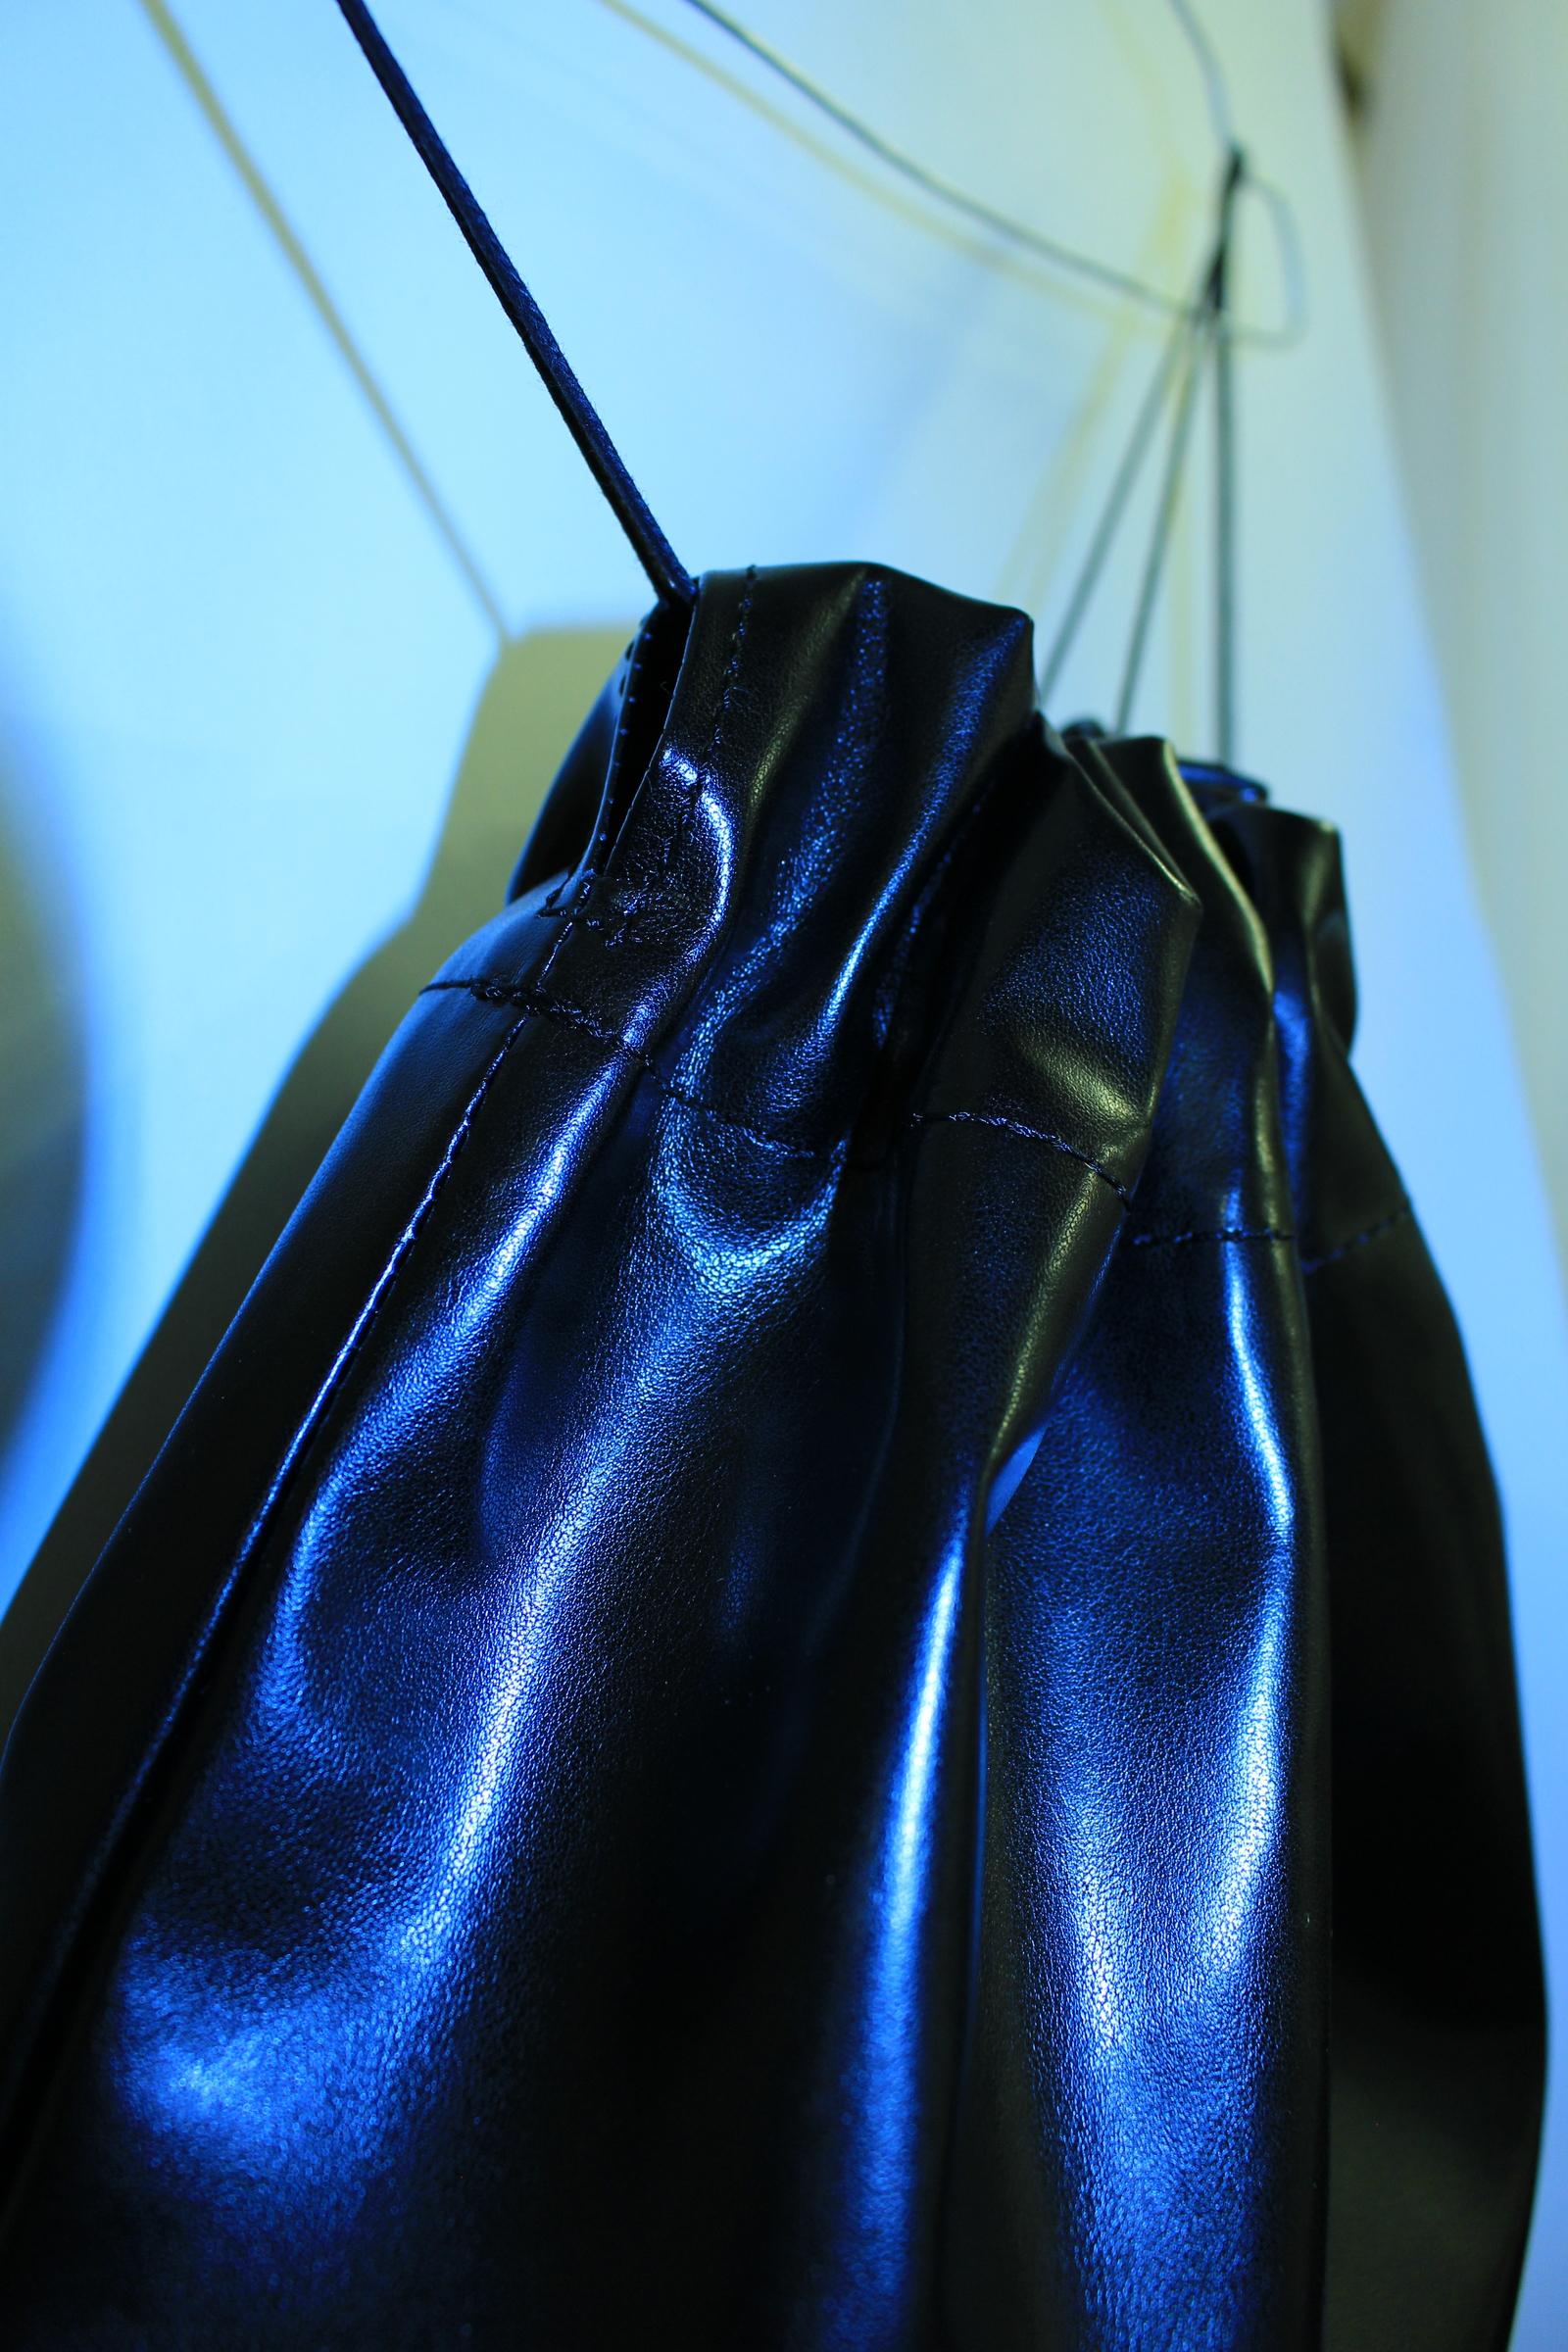 2c77661fa282 Рюкзак-мешок кто такое носит? Рюкзак, Рюкзачёк, Рюкзак ручной работы, Рюкзак